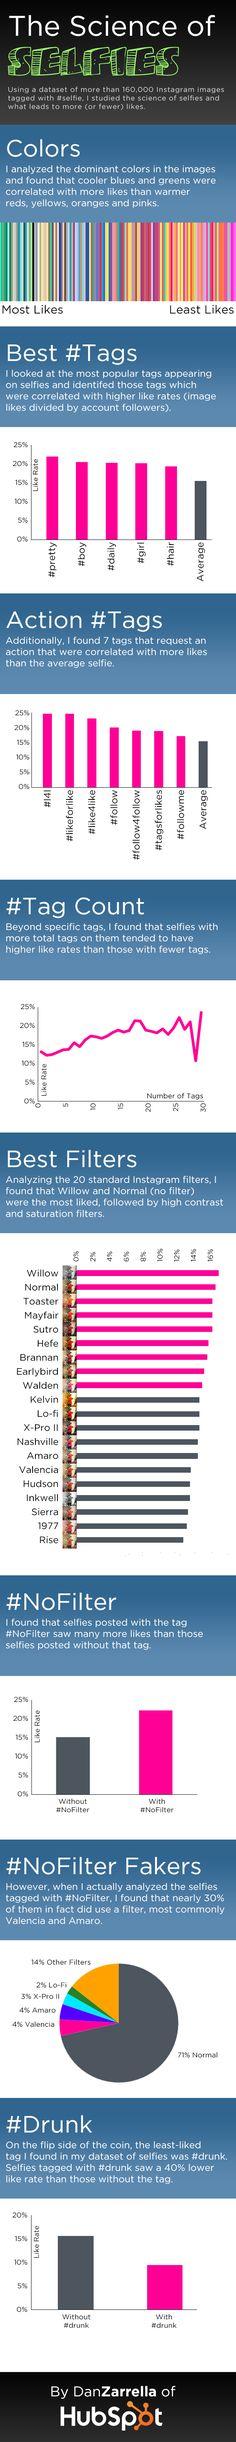 #infographic #selfie #selfies #science #bigdata #likeforlike